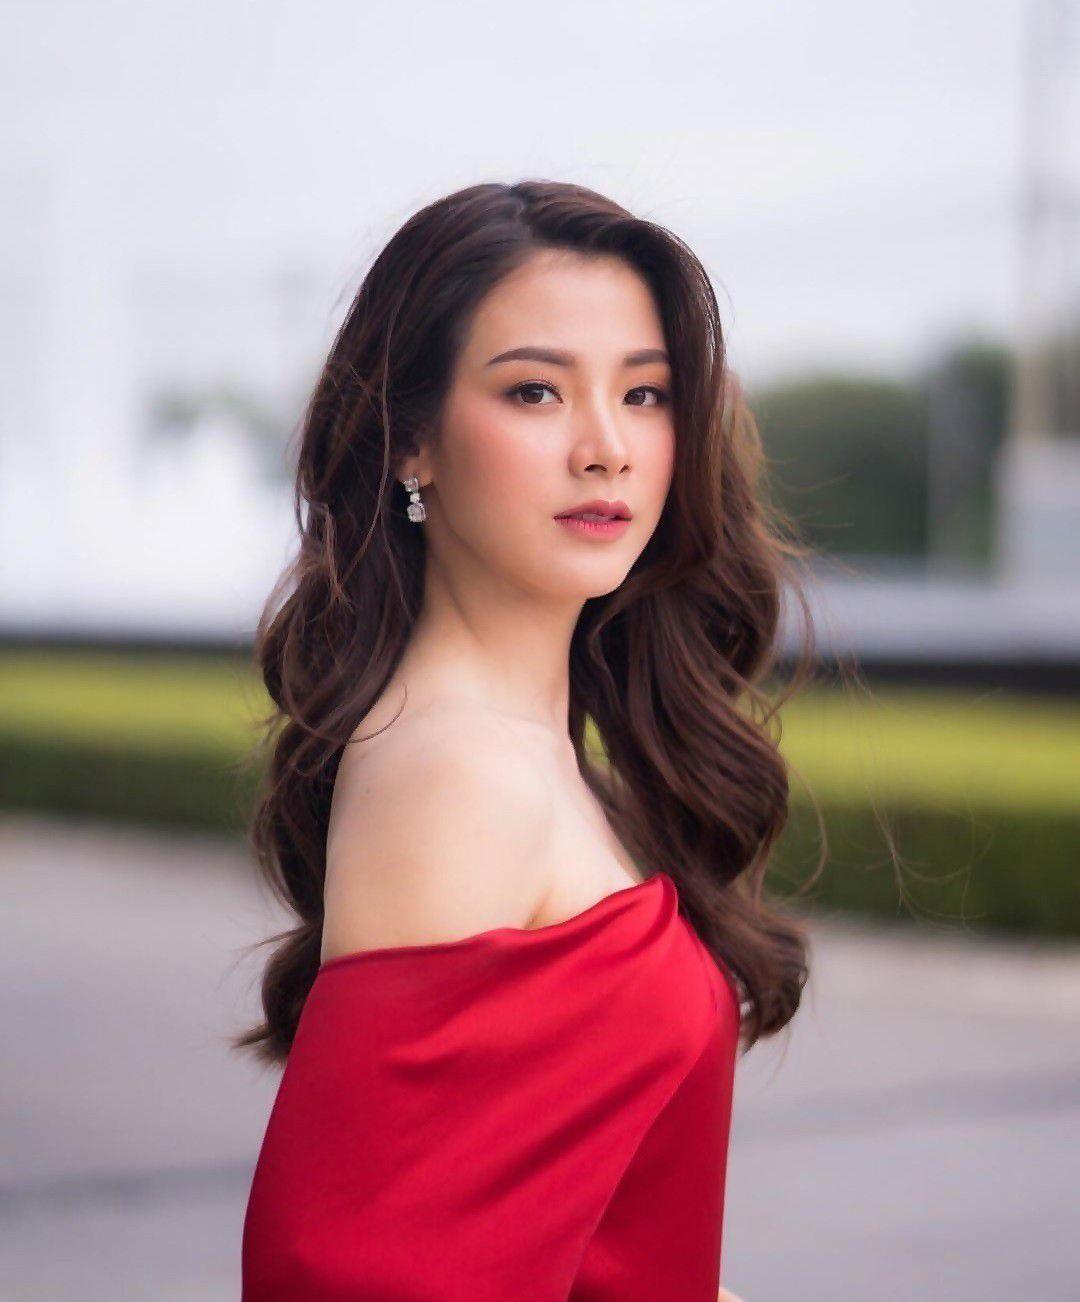 Top sao nữ đình đám Thái Lan có mũi đẹp nhất khiến chị em ghen tị (15)